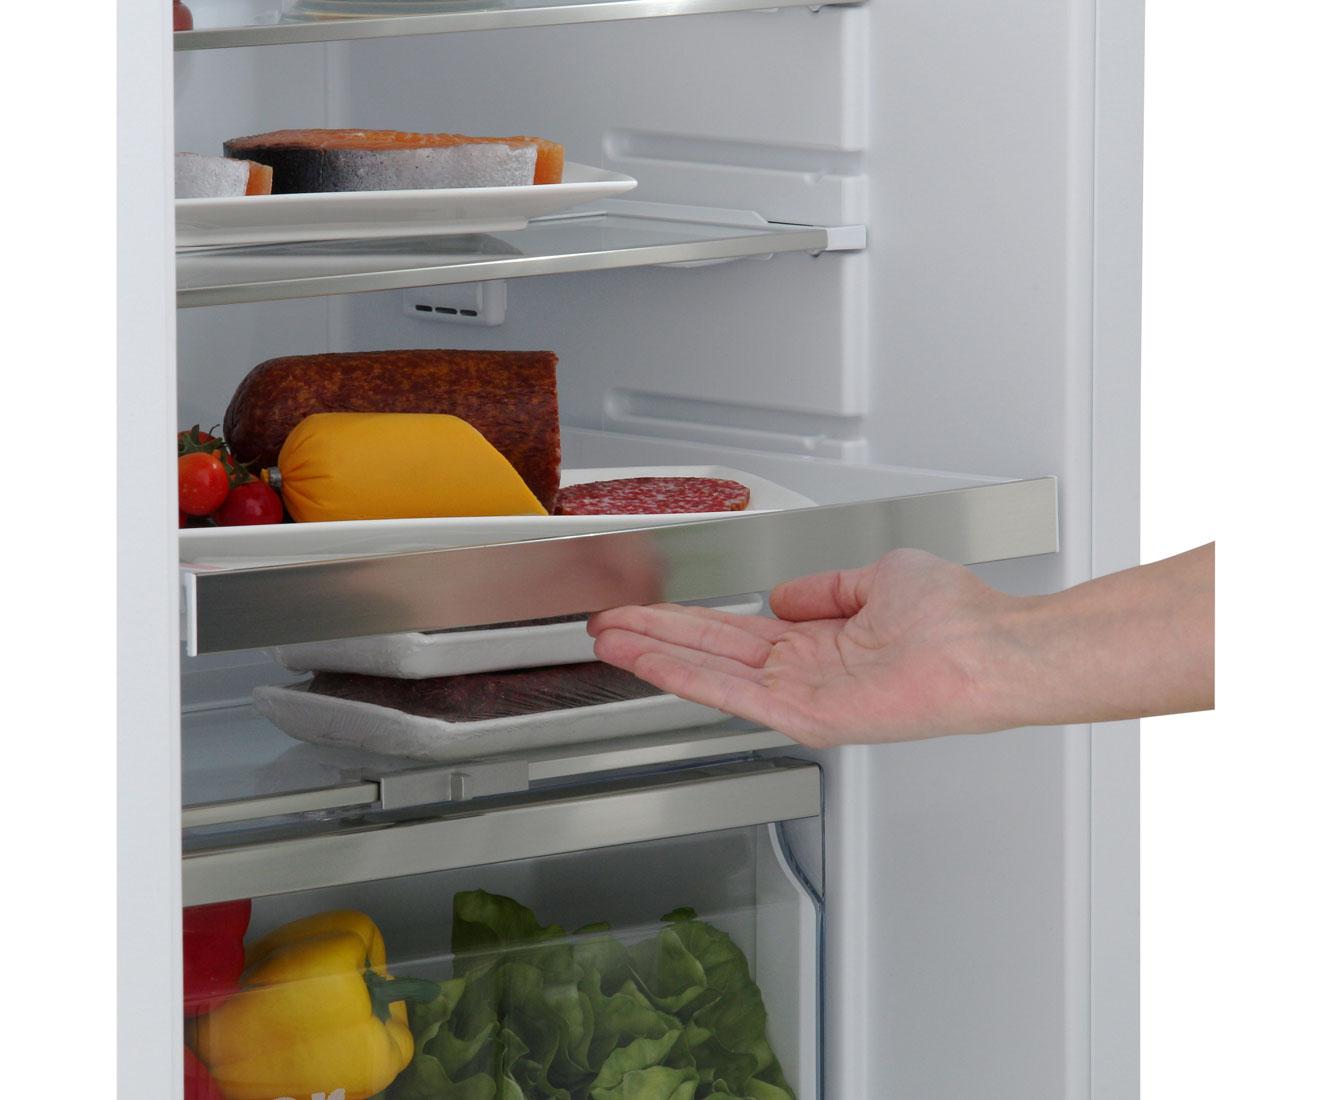 Siemens Kühlschrank Integrierbar : Siemens iq ki lad einbau kühlschrank mit gefrierfach er